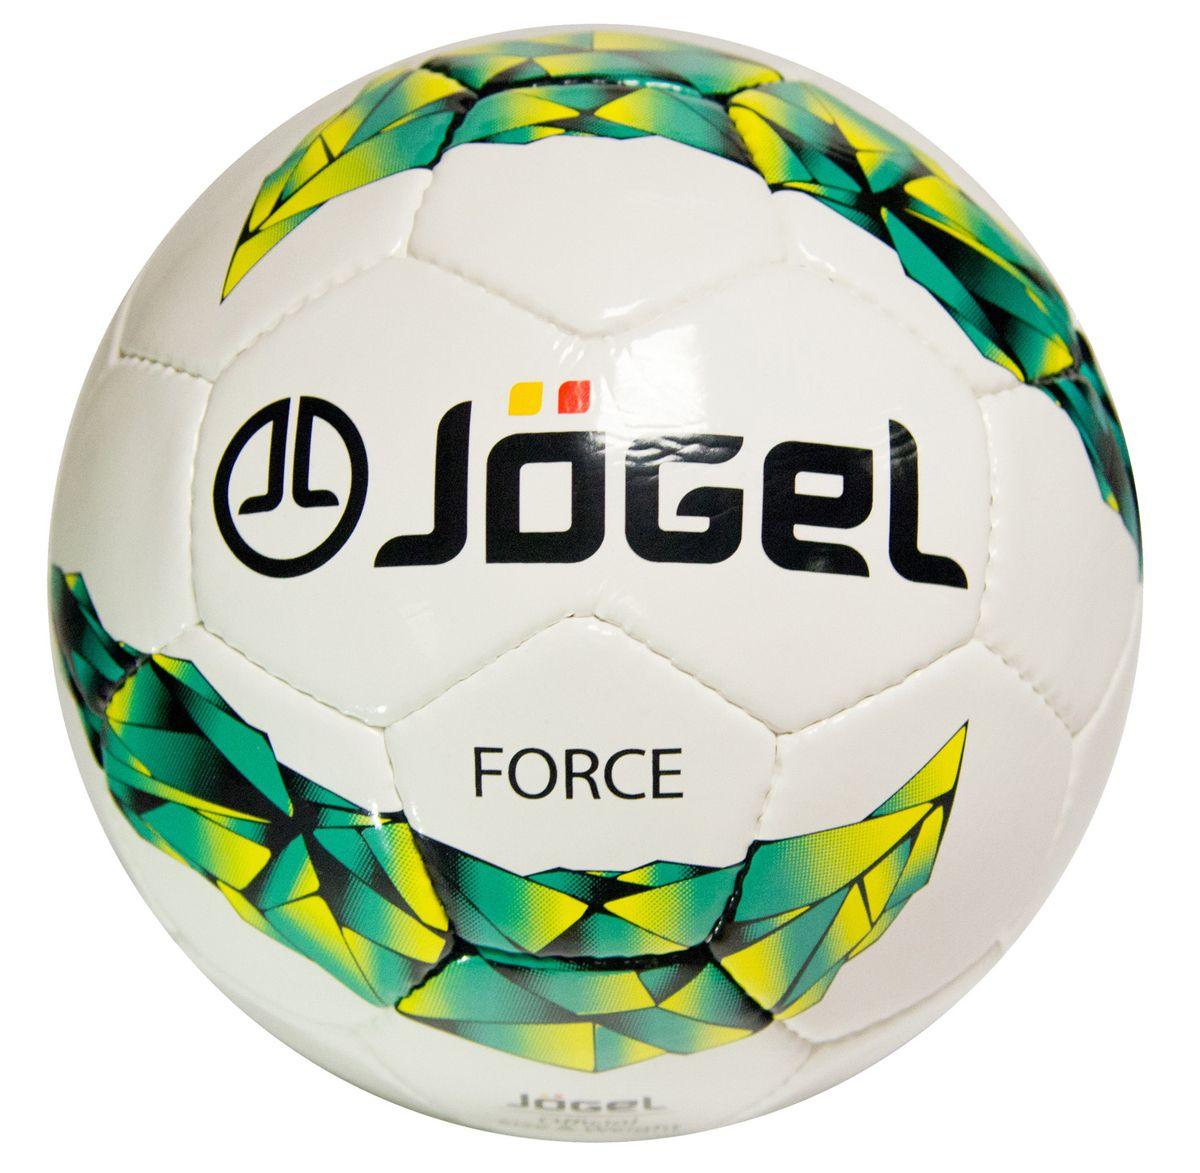 Мяч футбольный Jogel Force, цвет: белый, зеленый, желтый. Размер 5. JS-450200170Футбольный мяч Jogel JS-450 Force имеет покрышку, выполненную из сочетания поливинилхлорида и полиуретана, за счет чего достигаетсядополнительная плотность и износостойкость. Данный мяч предназначен для любительской игры и тренировок любительских команд. Он имеет 4 подкладочных слоя на нетканой основе (смесьхлопка с полиэстером) и латексную камеру с бутиловый ниппелем, который обеспечивает долгое сохранение воздуха в камере.Мяч не рекомендован для игры при низких температурах (ниже +5°С). Вес: 410-450 гр. Длина окружности: 68-70 см. Рекомендованное давление: 0.6-0.8 бар. УВАЖАЕМЫЕ КЛИЕНТЫ! Обращаем ваше внимание на тот факт, что мяч поставляется в сдутом виде. Насос в комплект не входит.